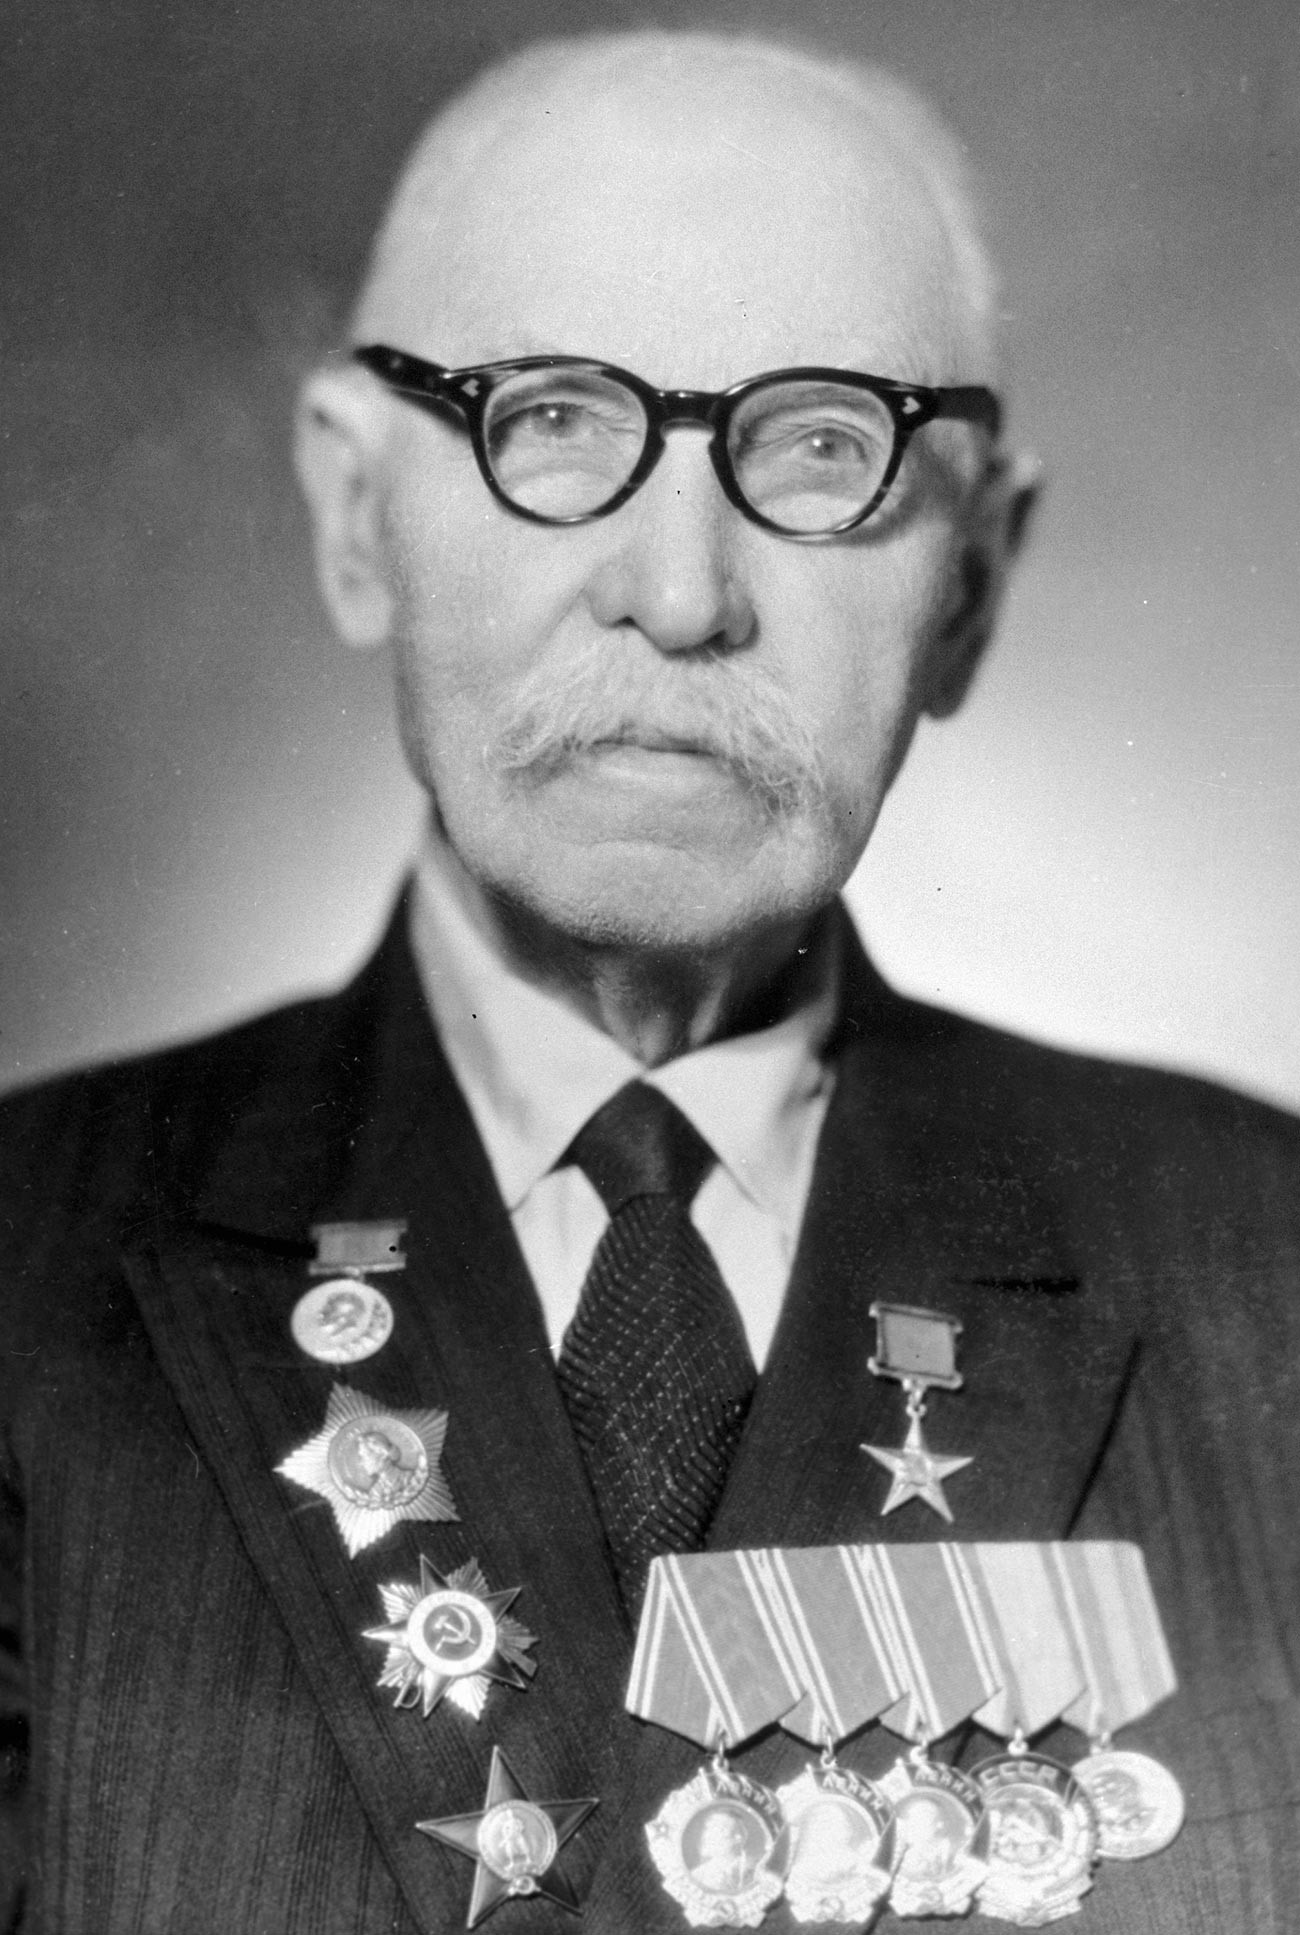 Sowjetischer Kleinwaffenkonstrukteur, Doktor der Technischen Wissenschaften, Held der sozialistischen Arbeit, Träger des Stalin-Preises ersten Grades. Fedor Tokarew (1871-1968).